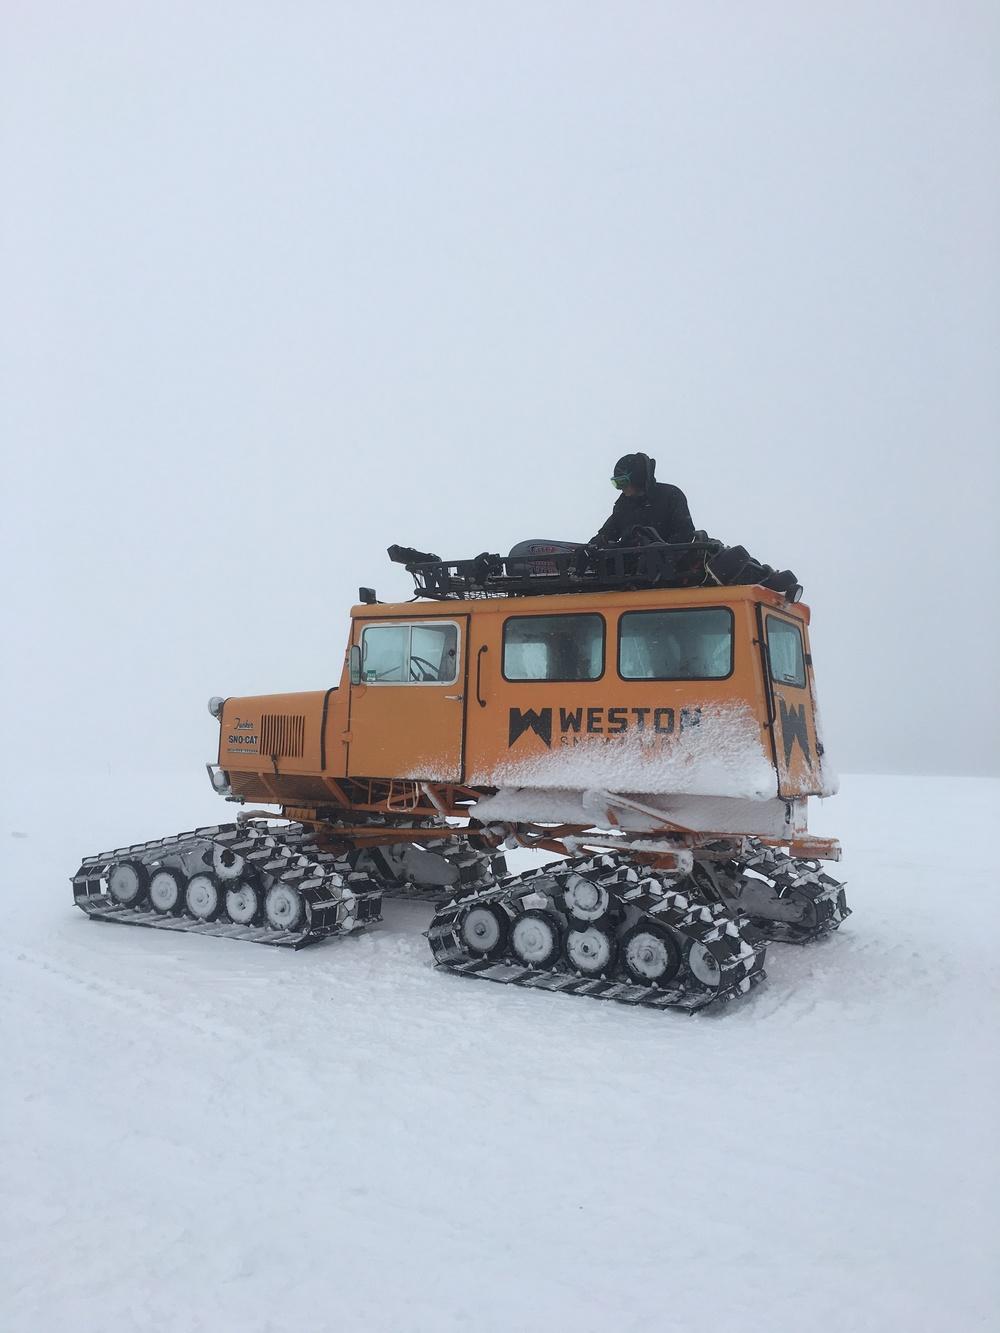 Weston snow cat on Vail Pass  Photo: Ryan Irvin